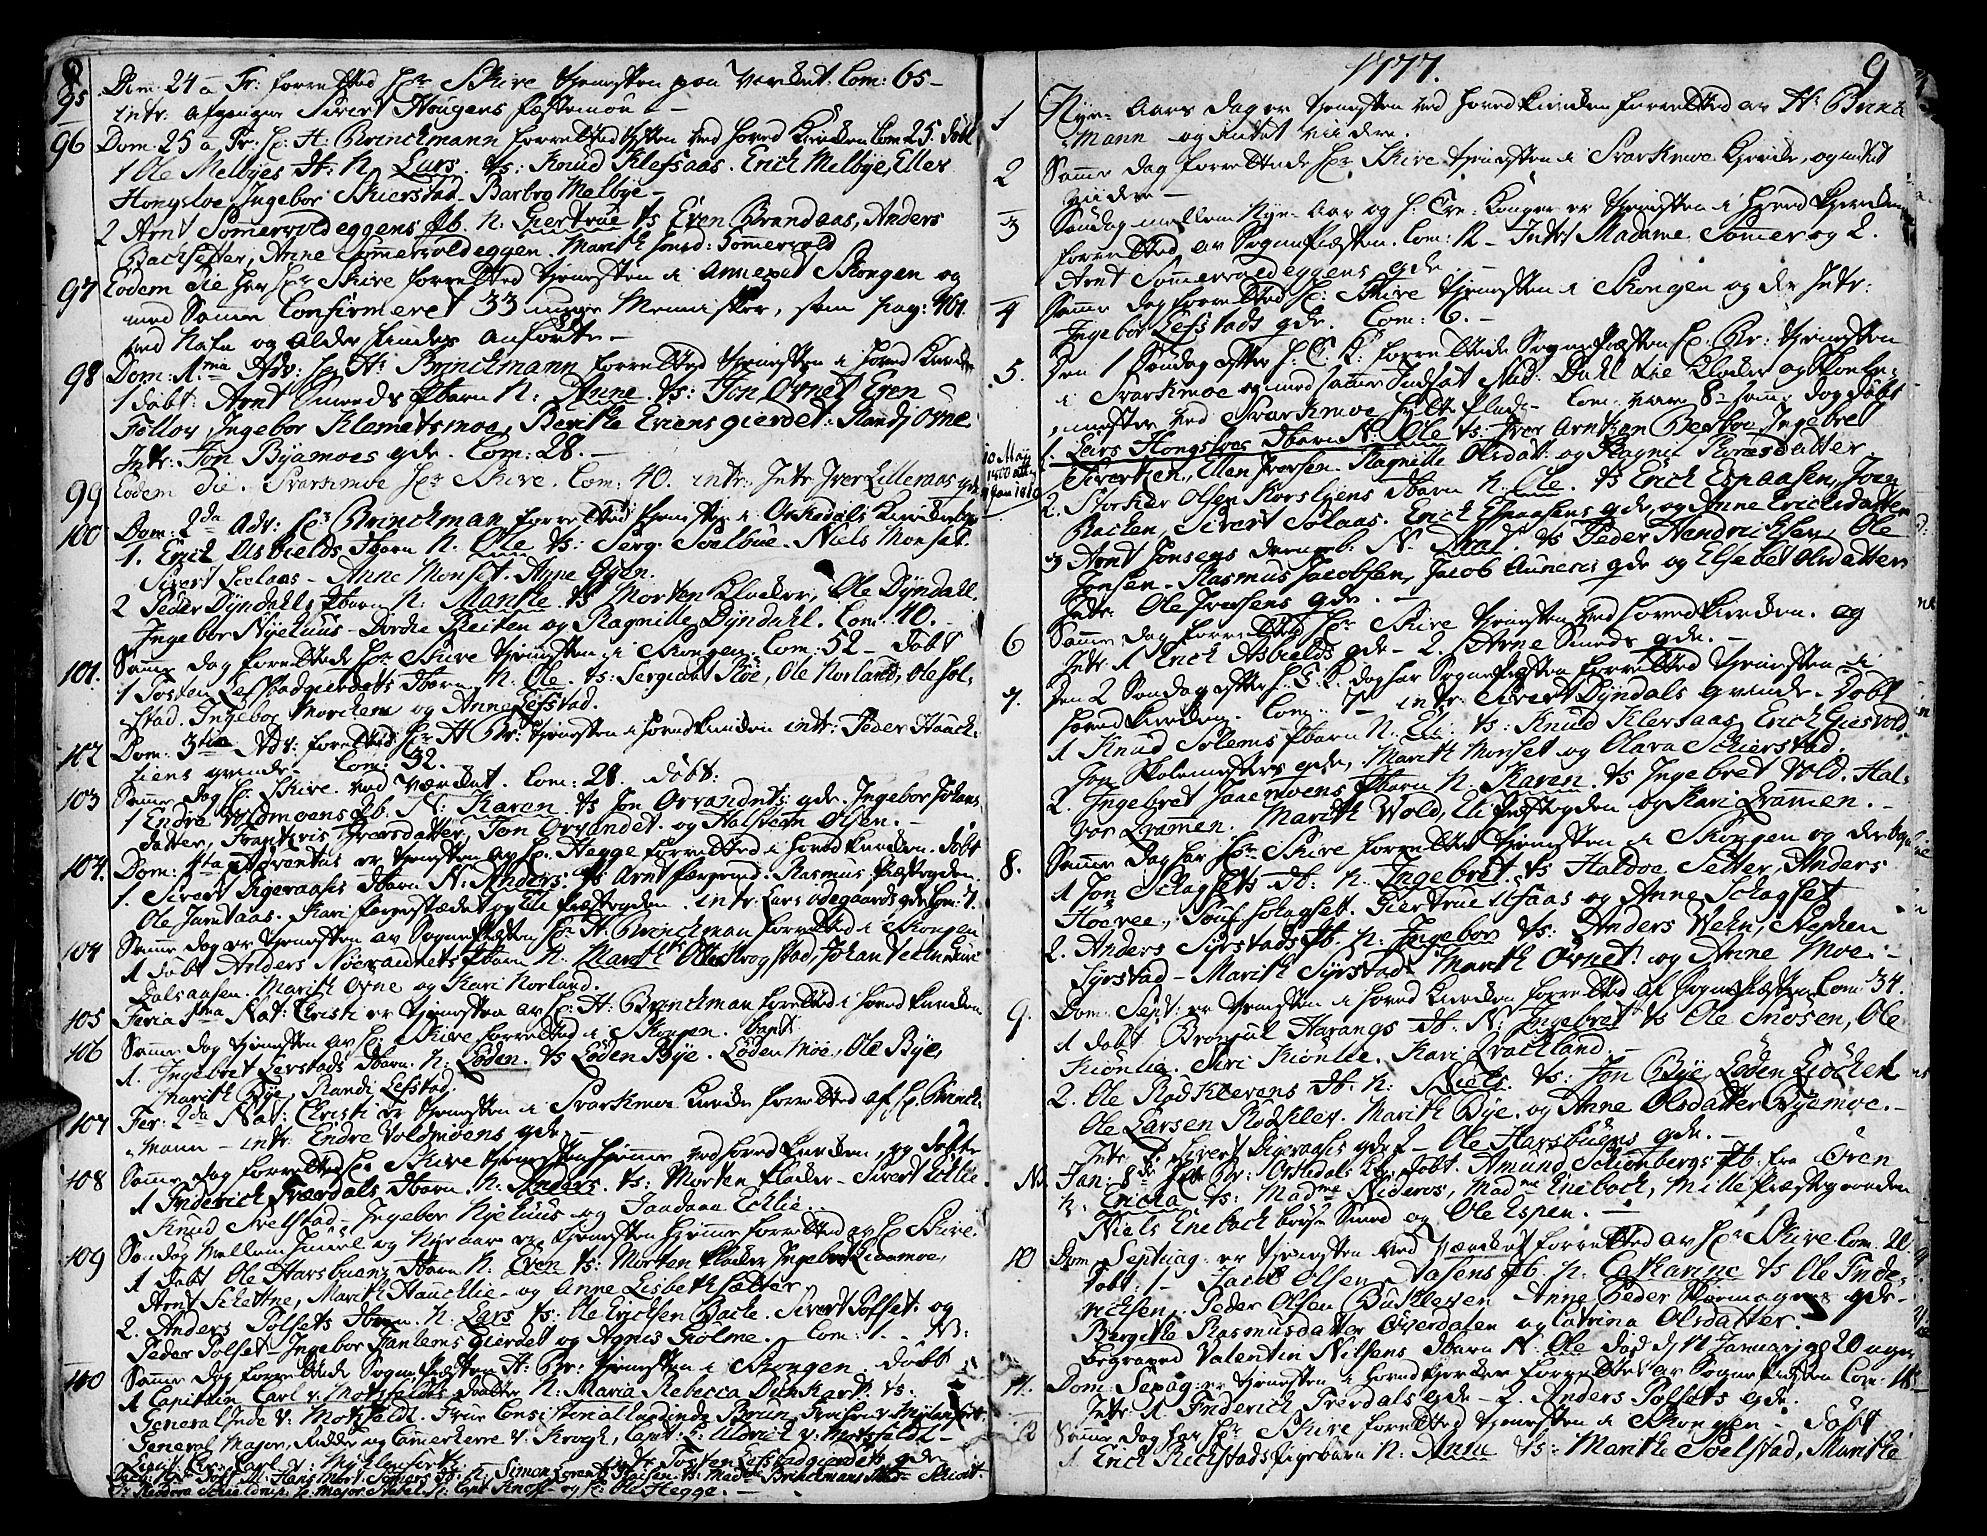 SAT, Ministerialprotokoller, klokkerbøker og fødselsregistre - Sør-Trøndelag, 668/L0802: Ministerialbok nr. 668A02, 1776-1799, s. 8-9